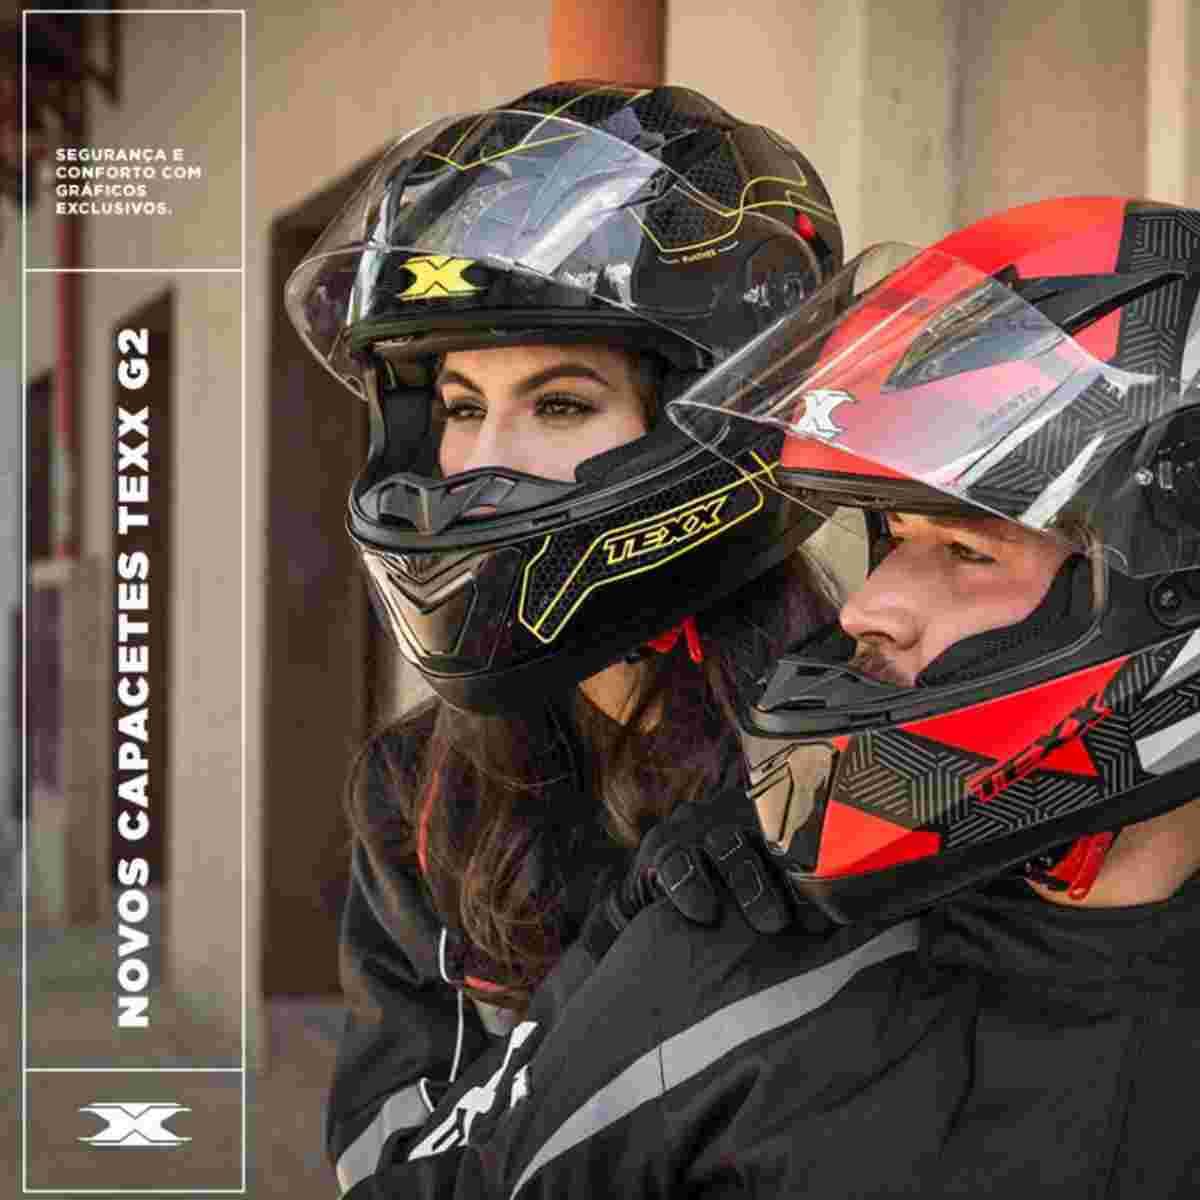 CAPACETE DE MOTOQUEIRO TEXX G2 TRENTO COM ÓCULOS SOLAR INTERNO